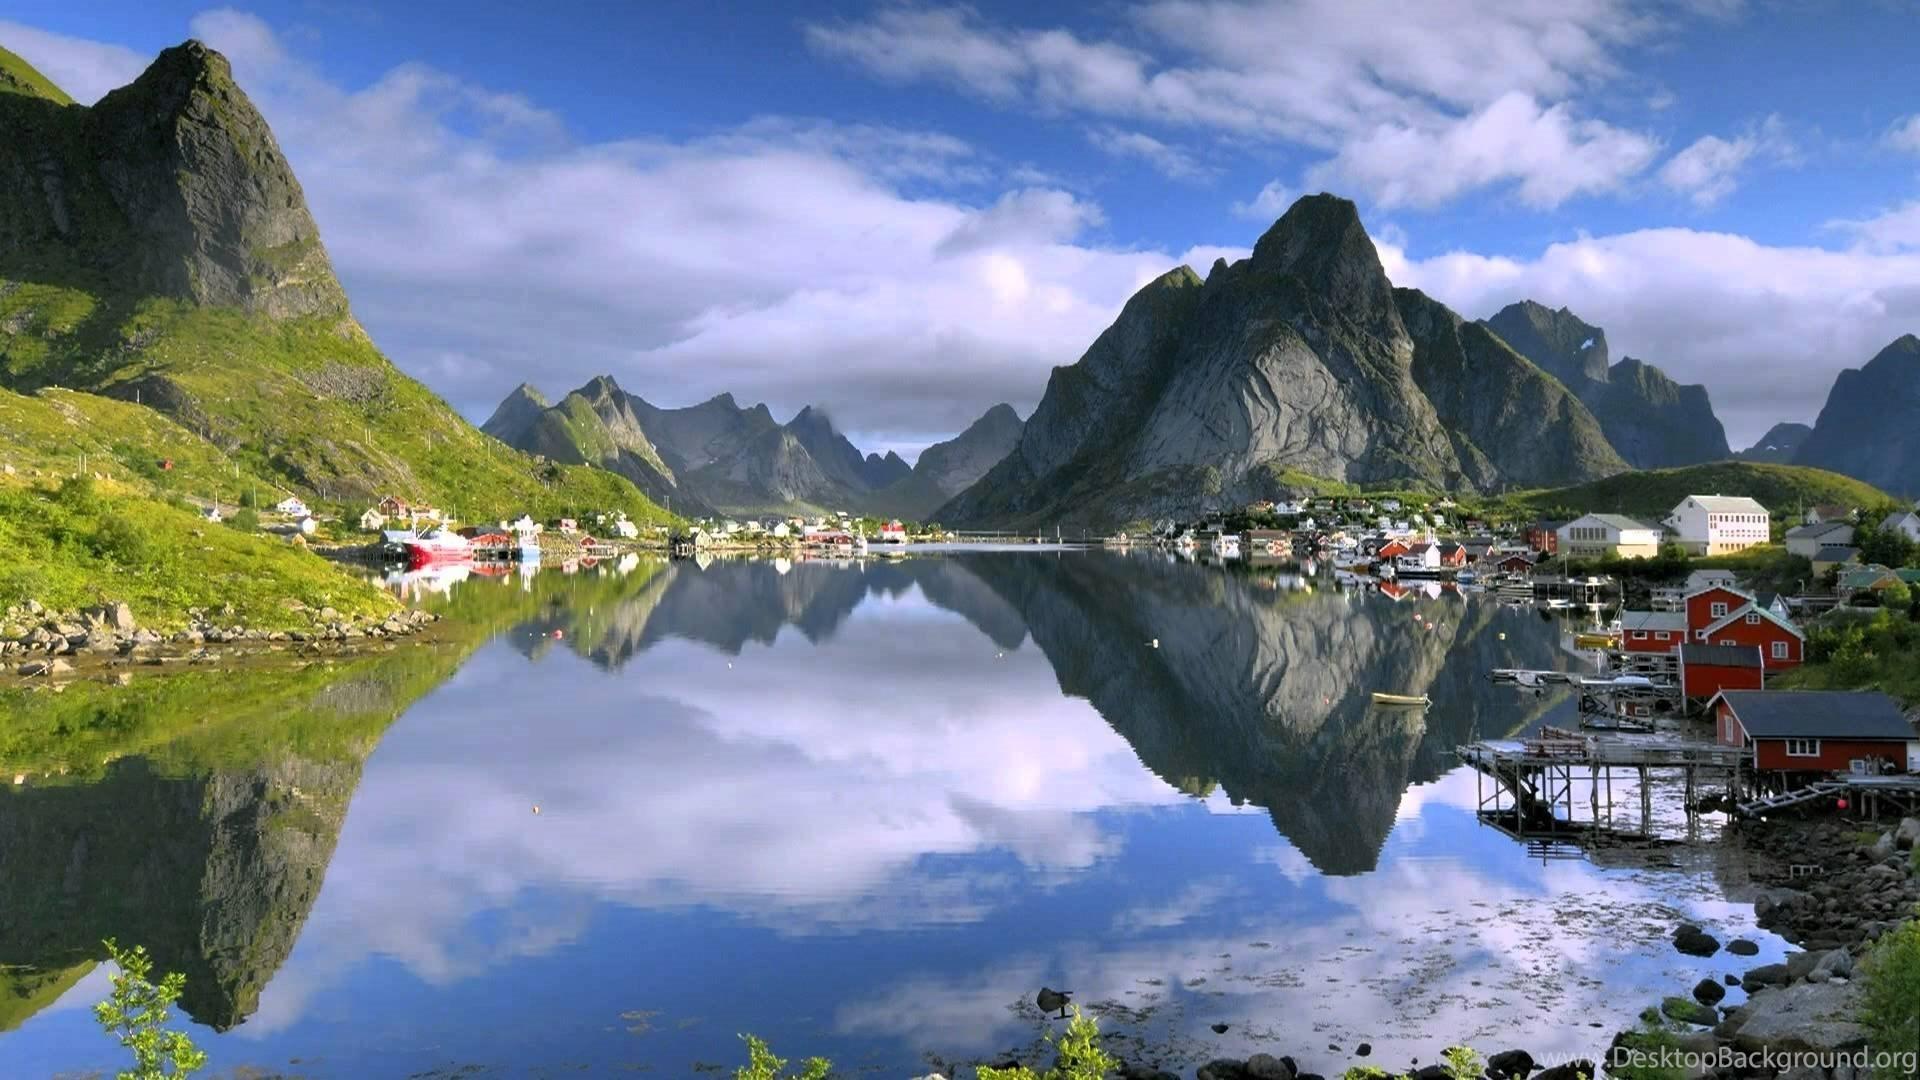 Beautiful Nature Scenery 1080p Hd Hd Backgrounds 9 Hd